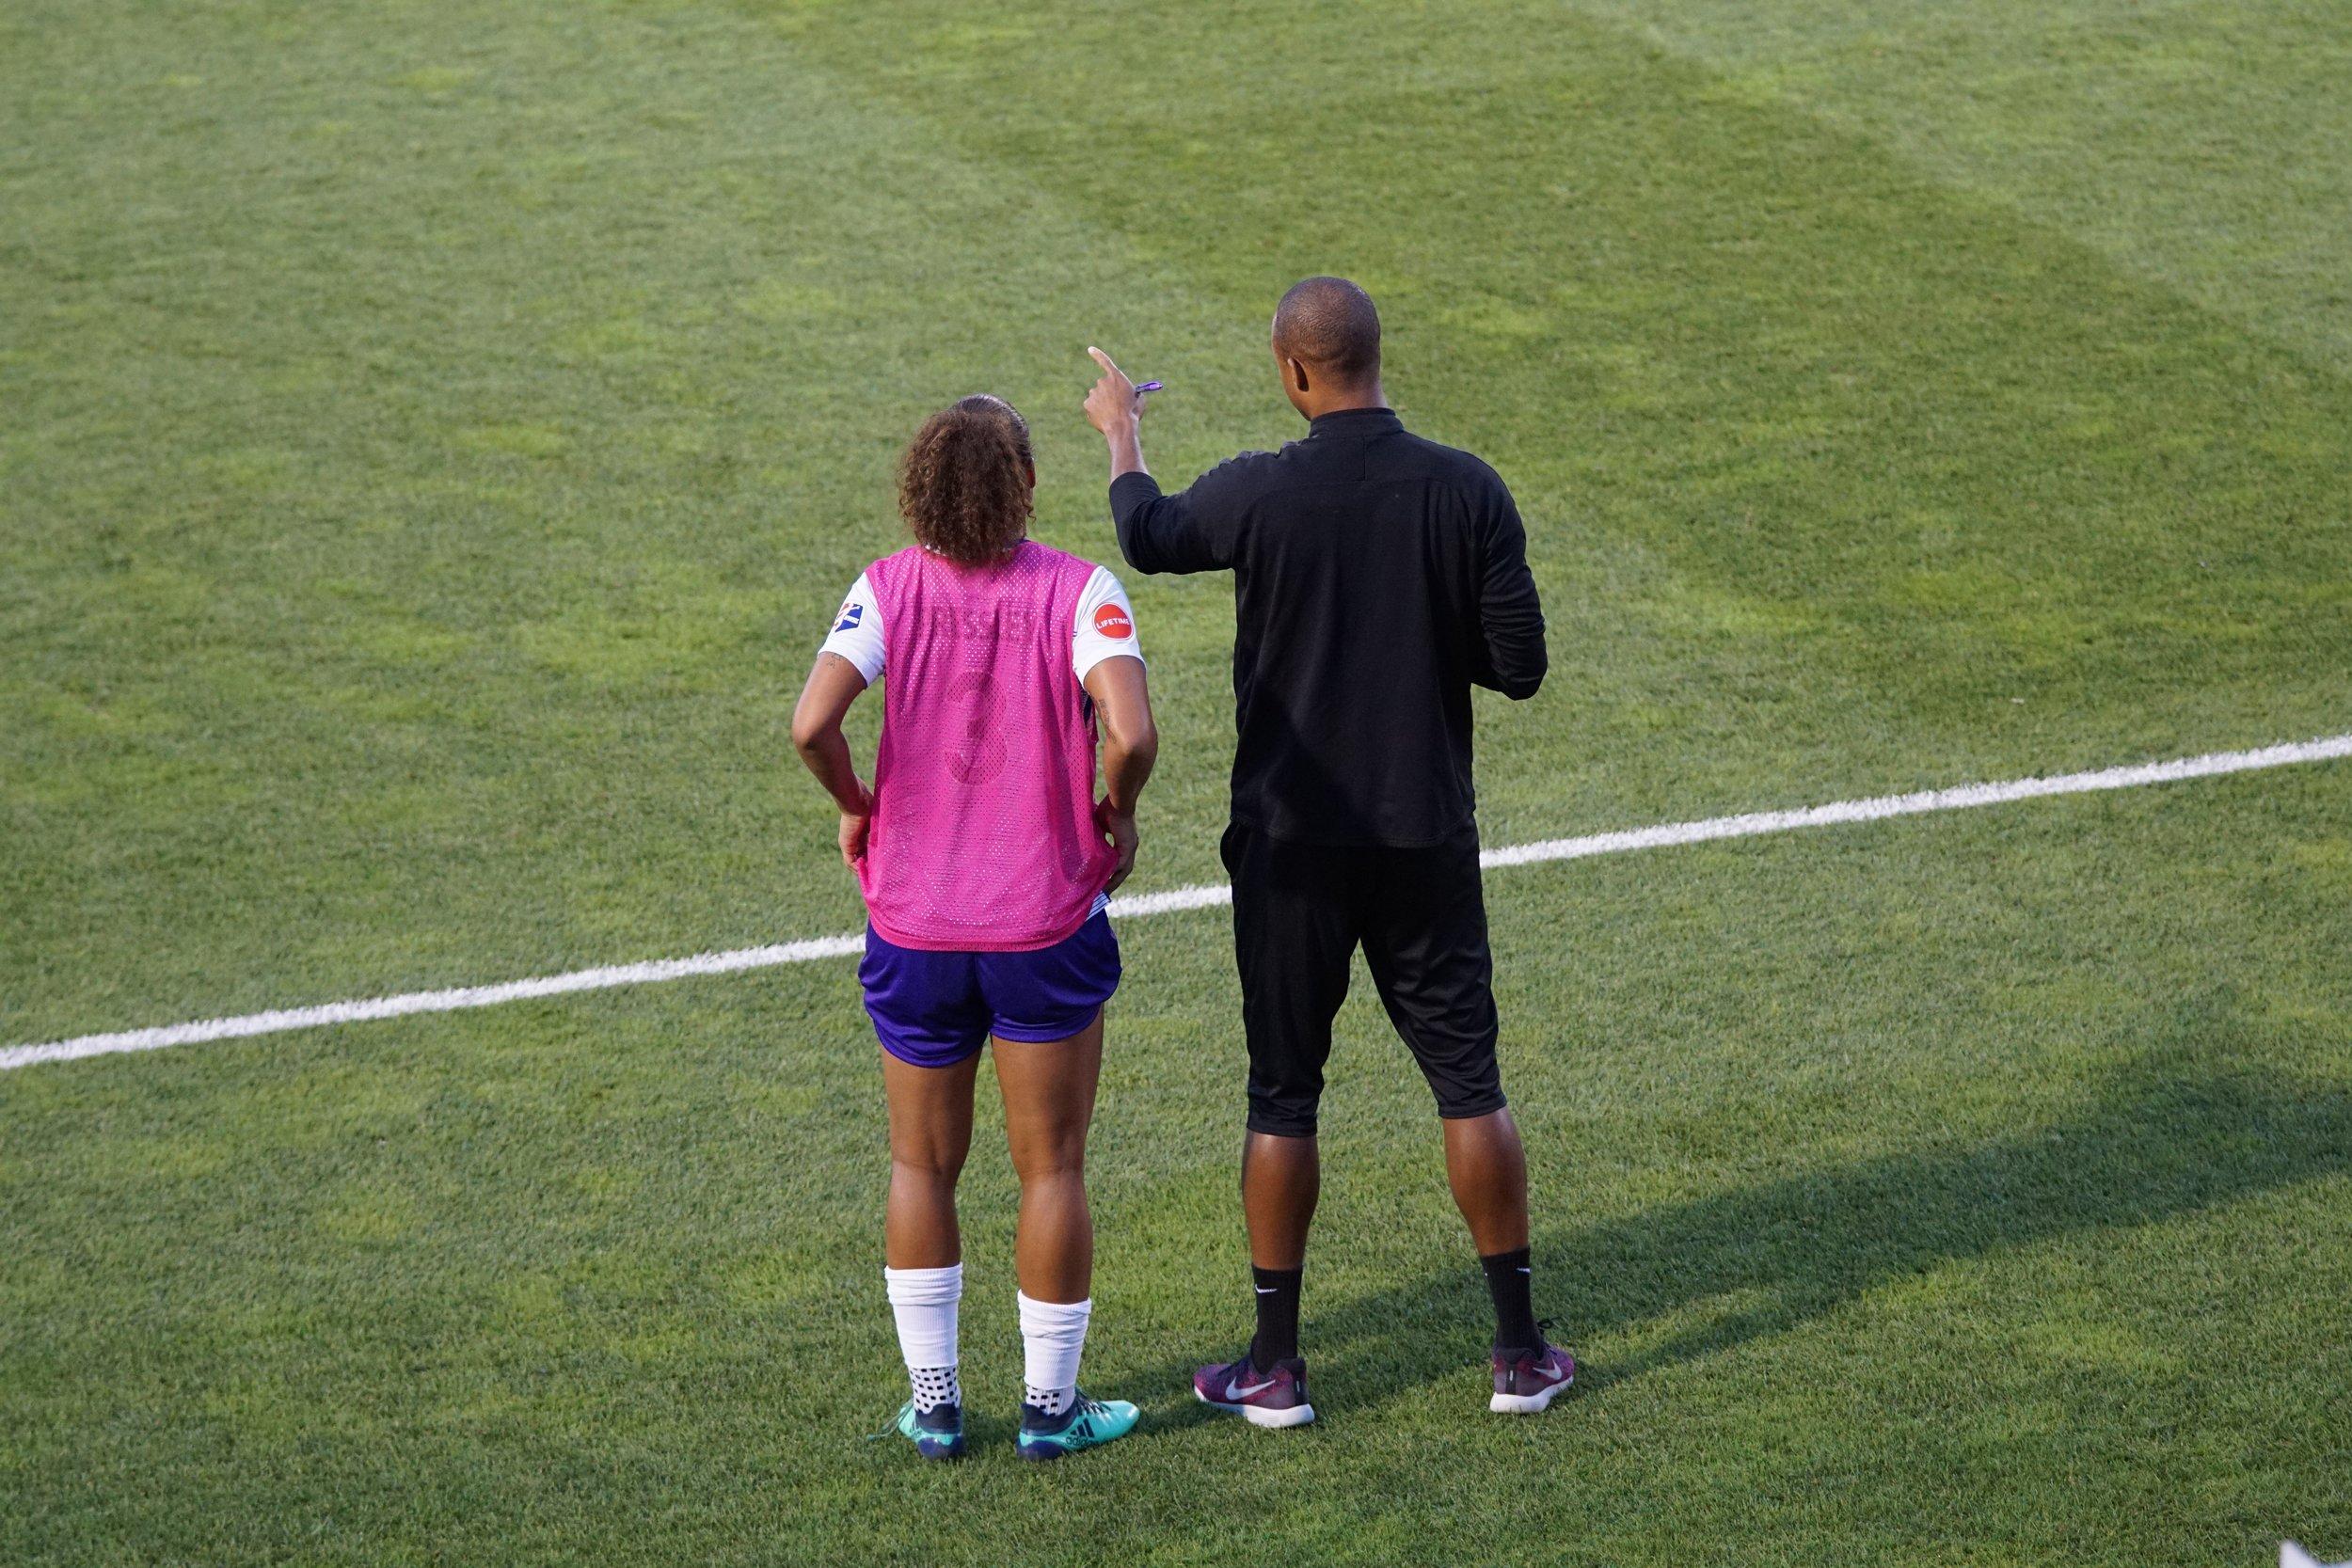 gonggang-coaching-coach-on-field.jpg